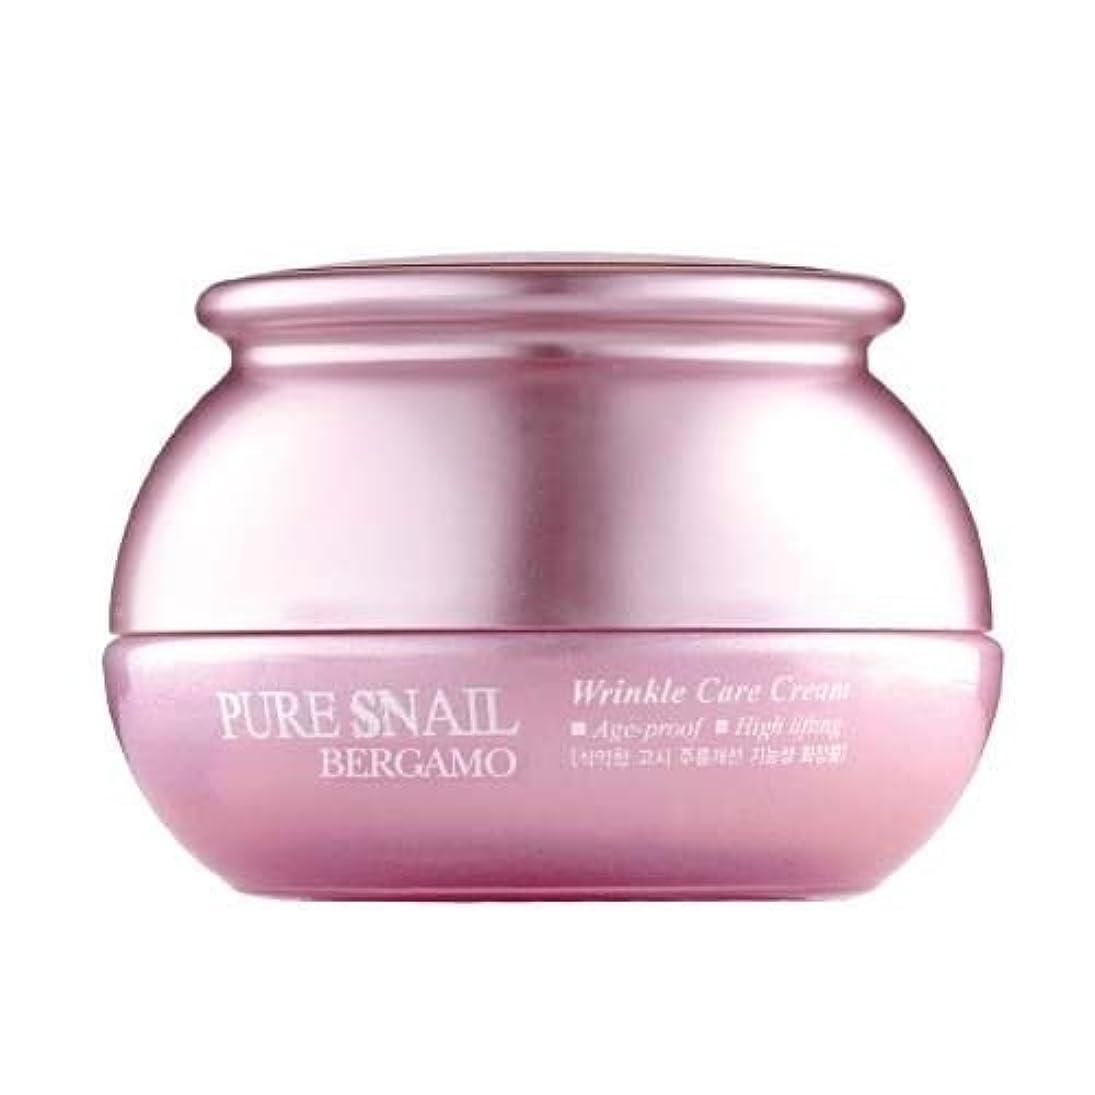 趣味バンドトランスミッションベルガモ[韓国コスメBergamo]Pure Snail Wrinkle Care Cream カタツムリリンクルケアクリーム50ml しわ管理 [並行輸入品]